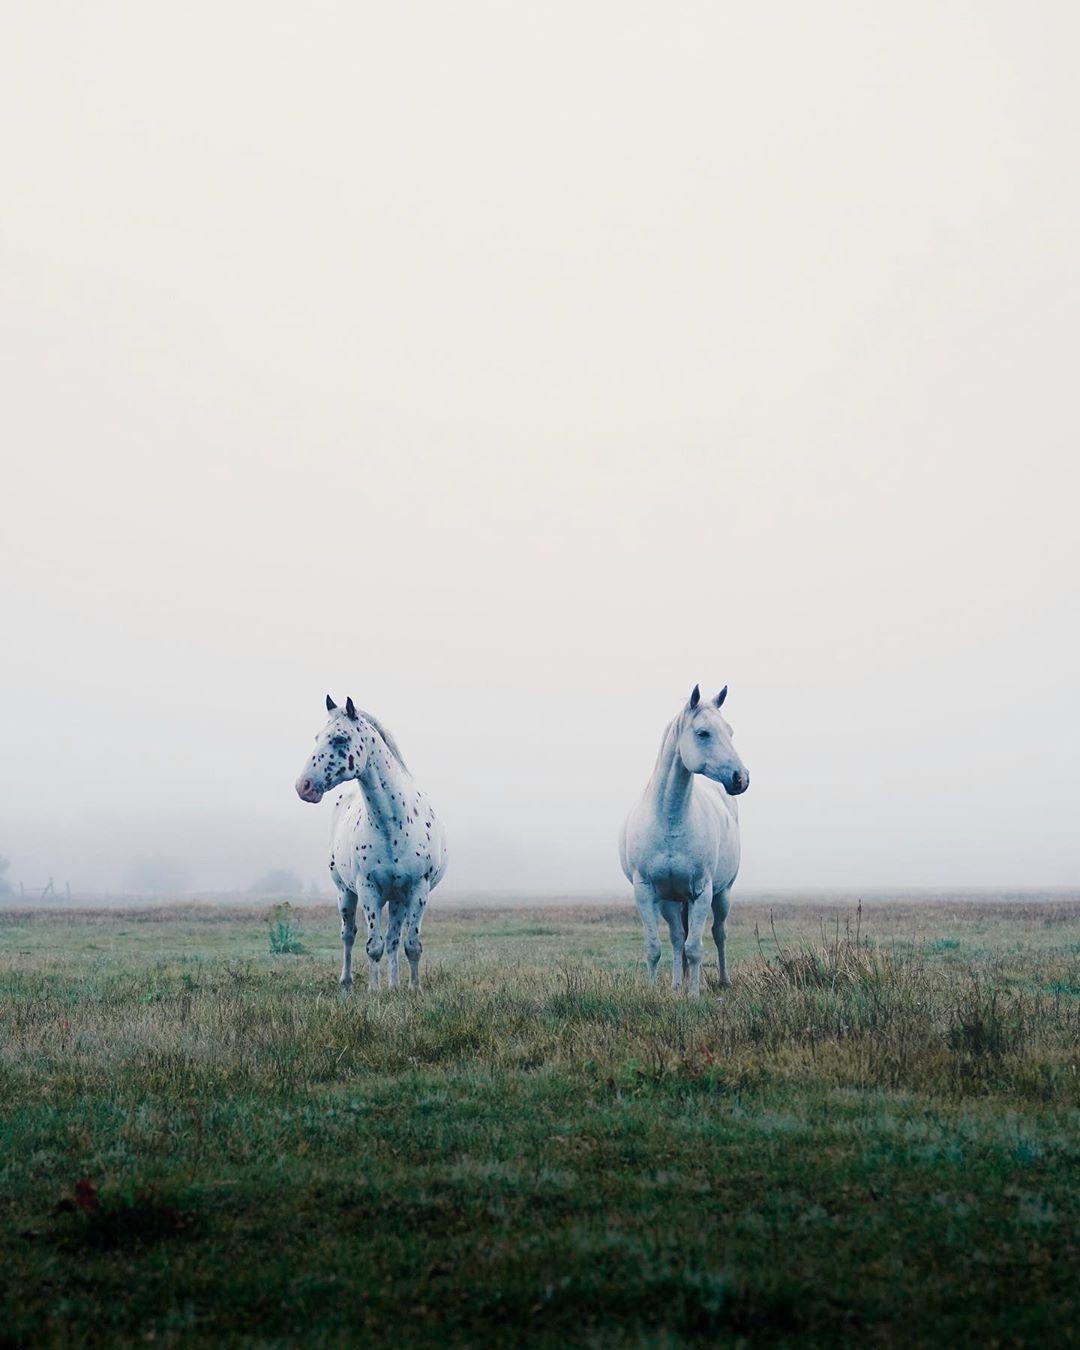 Снимки природы и путешествий от Эрика Уорда